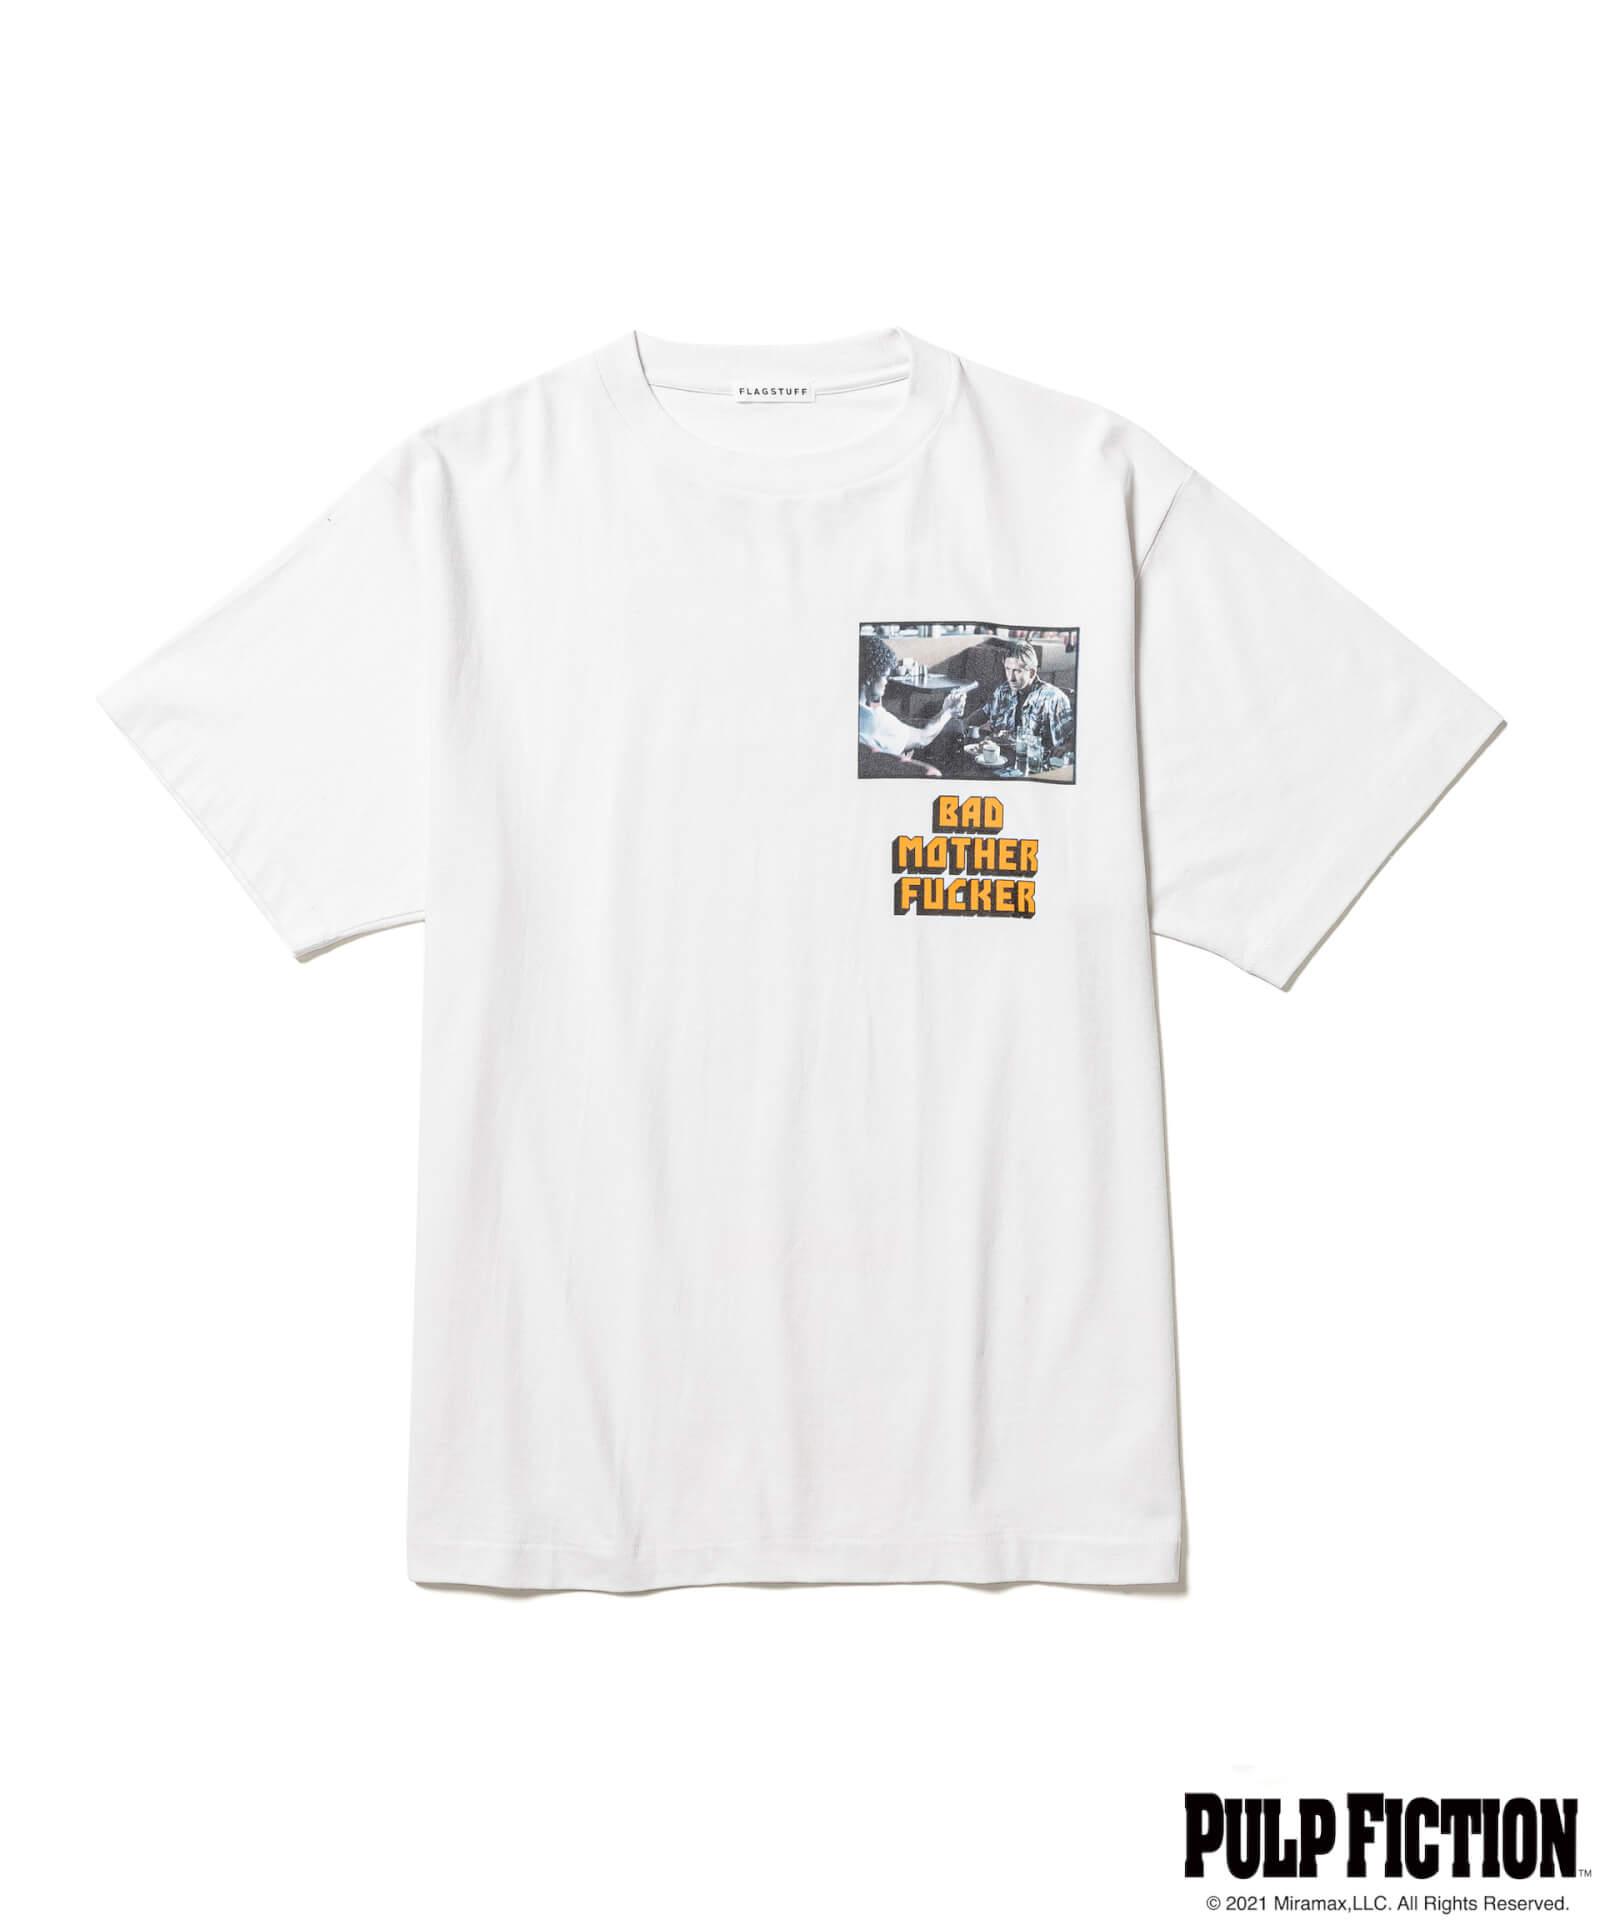 映画『パルプ・フィクション』とF-LAGSTUF-Fのオリジナルアパレルコレクションが発売決定!ユマ・サーマンプリントのTシャツも fashion211006_fs-pf-09